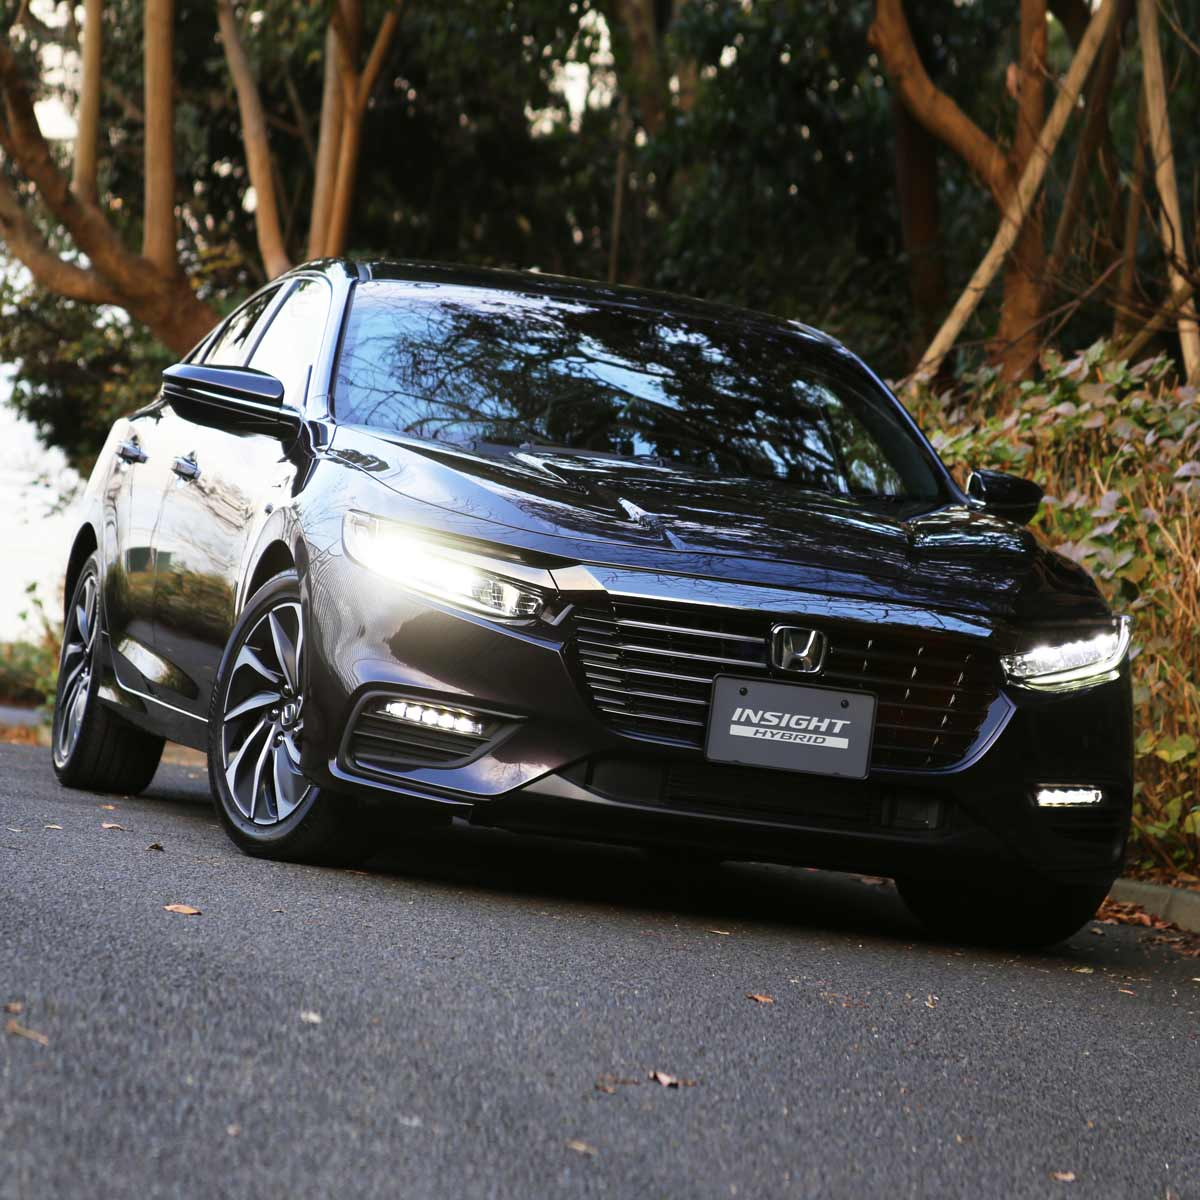 ホンダ 新型「インサイト」試乗&実燃費テスト/スムーズな走りはまさに次世代ハイブリッド